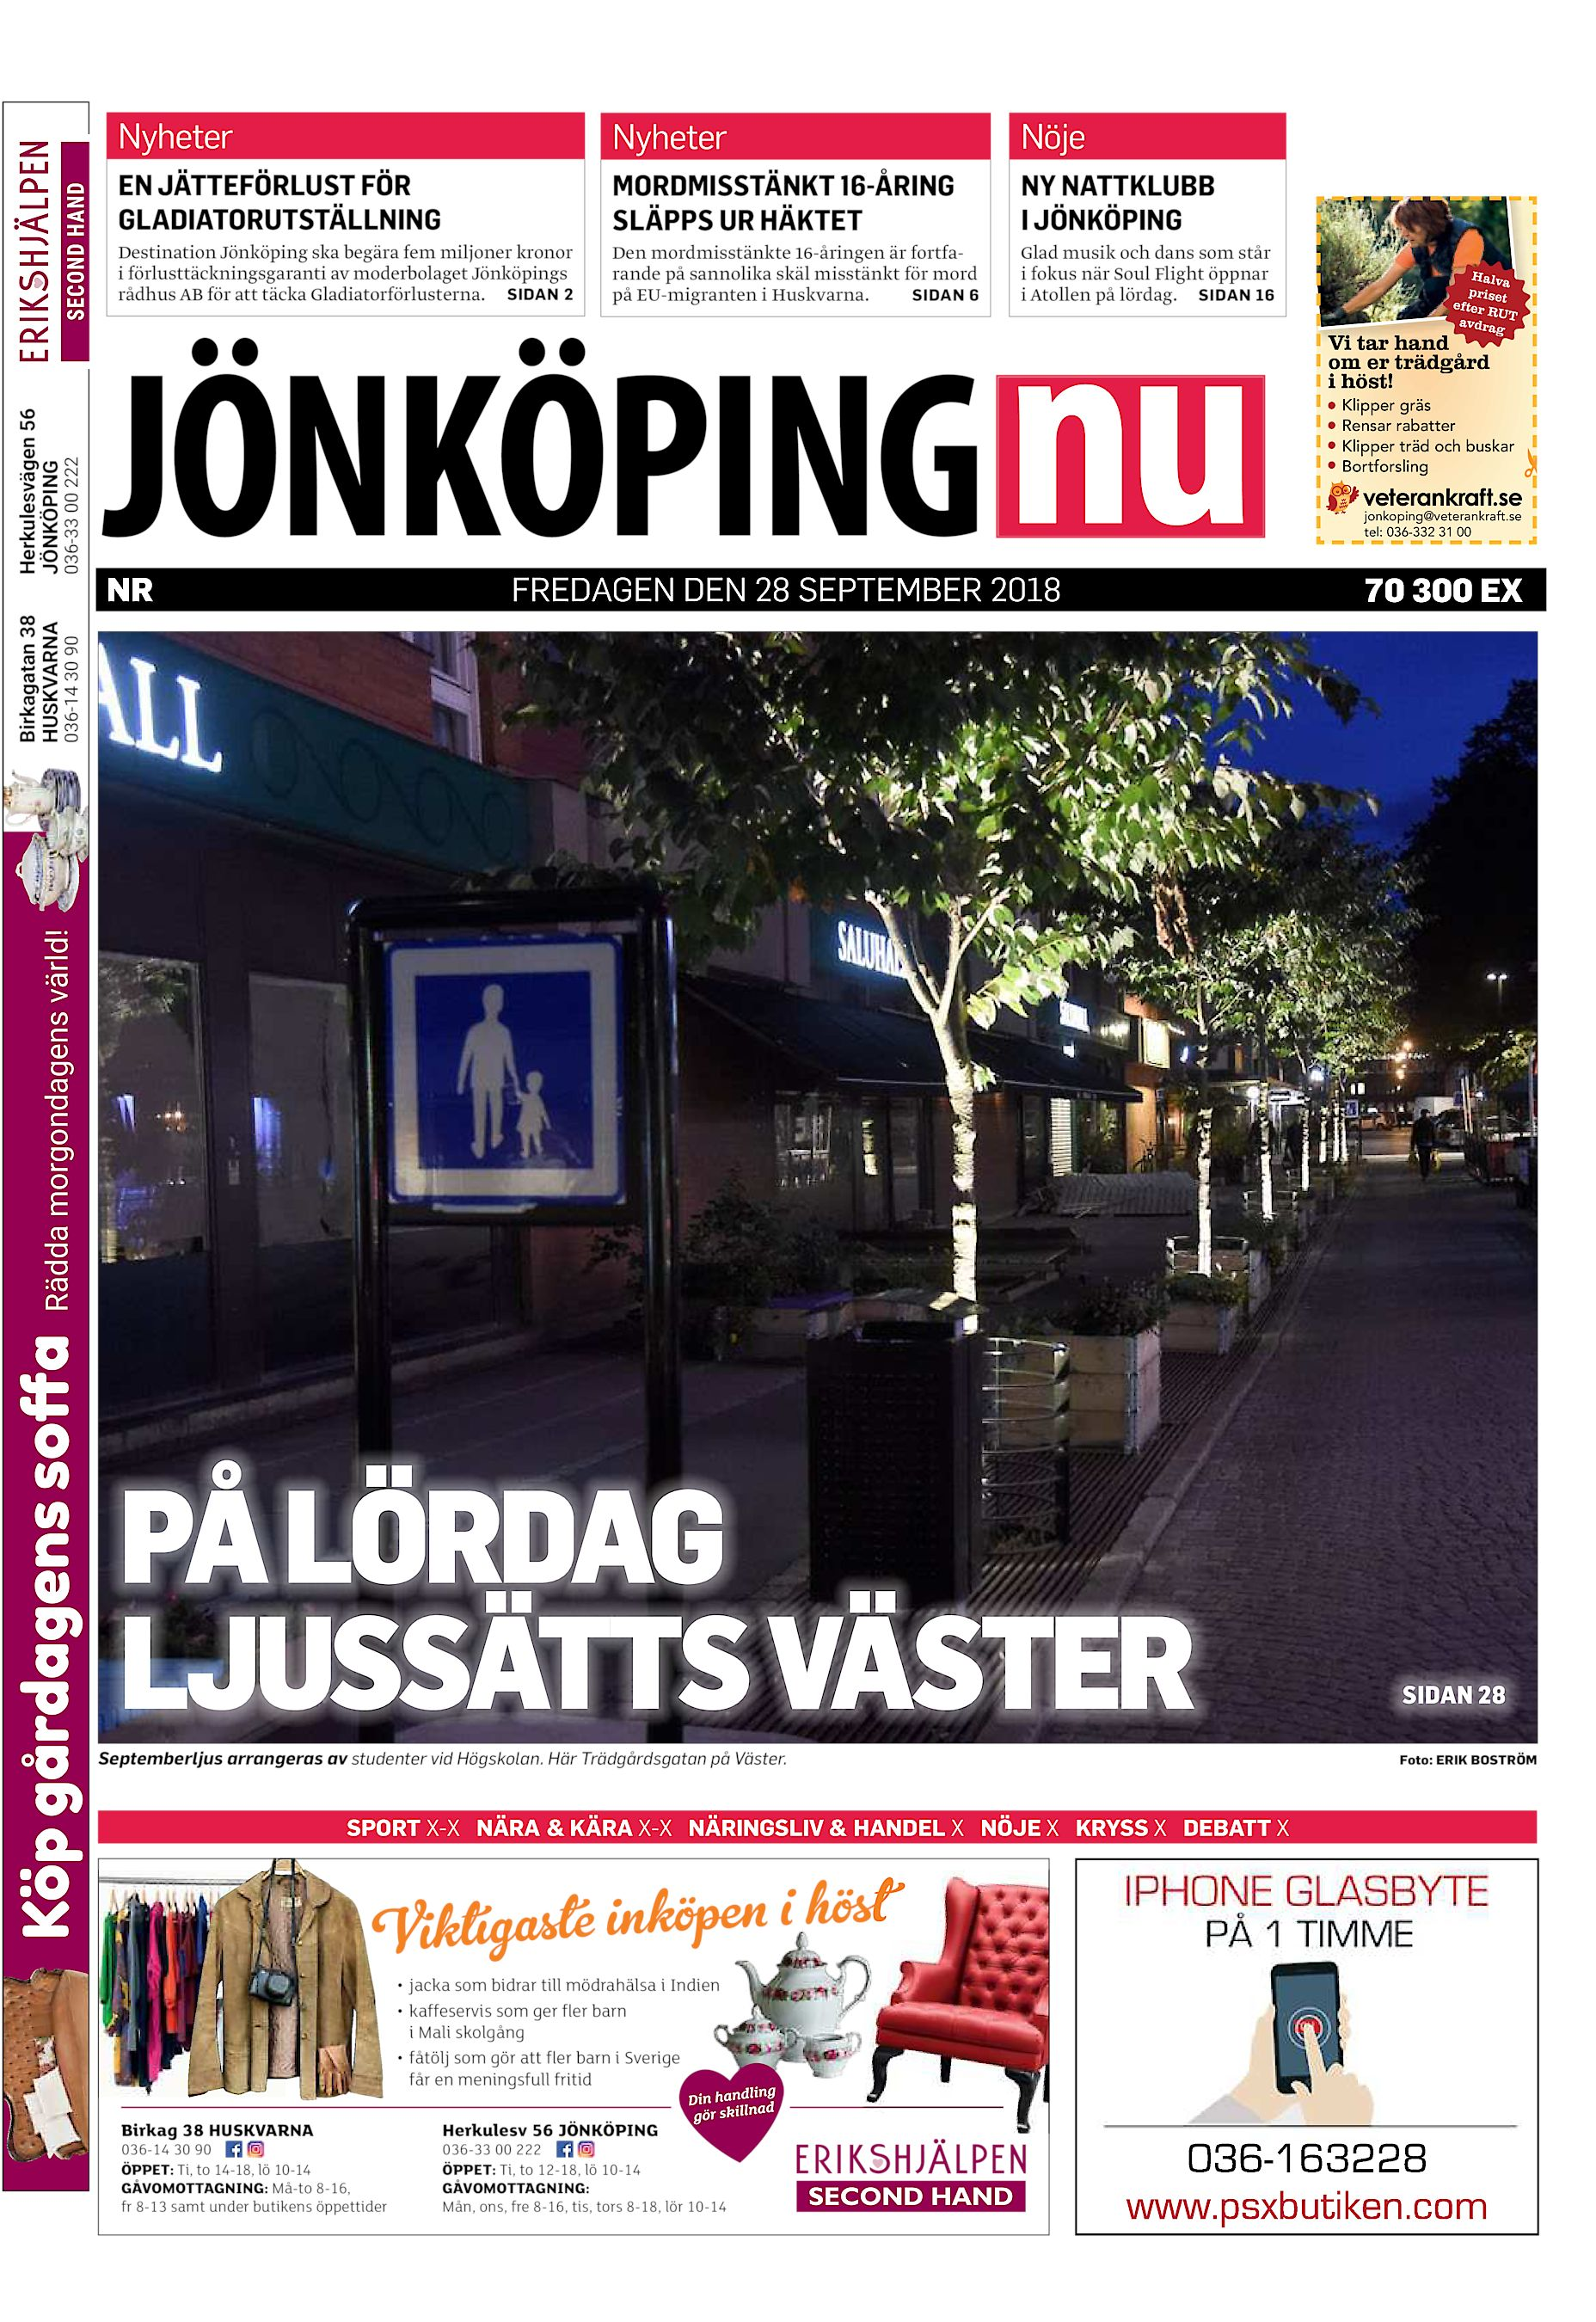 Nyheter Nyheter Nöje EN JÄTTEFÖRLUST FÖR GLADIATORUTSTÄLLNING MORDMISSTÄNKT  16-ÅRING SLÄPPS UR HÄKTET NY NATTKLUBB I JÖNKÖPING Destination Jönköping  ska ... fc24a66cb76b5